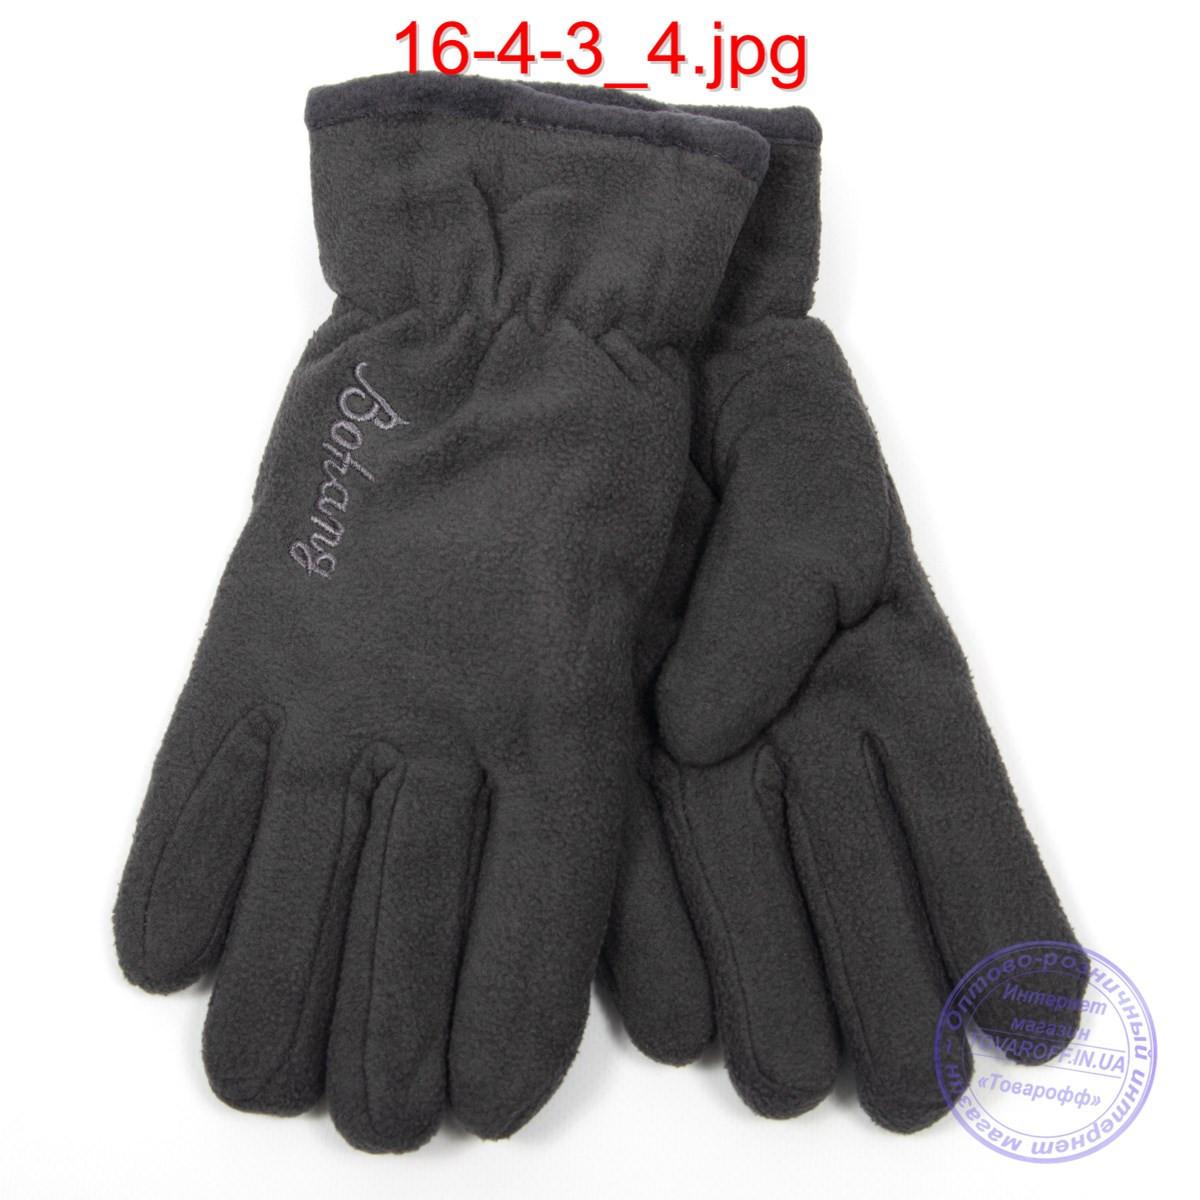 Мужские флисовые двойные перчатки - №16-4-3